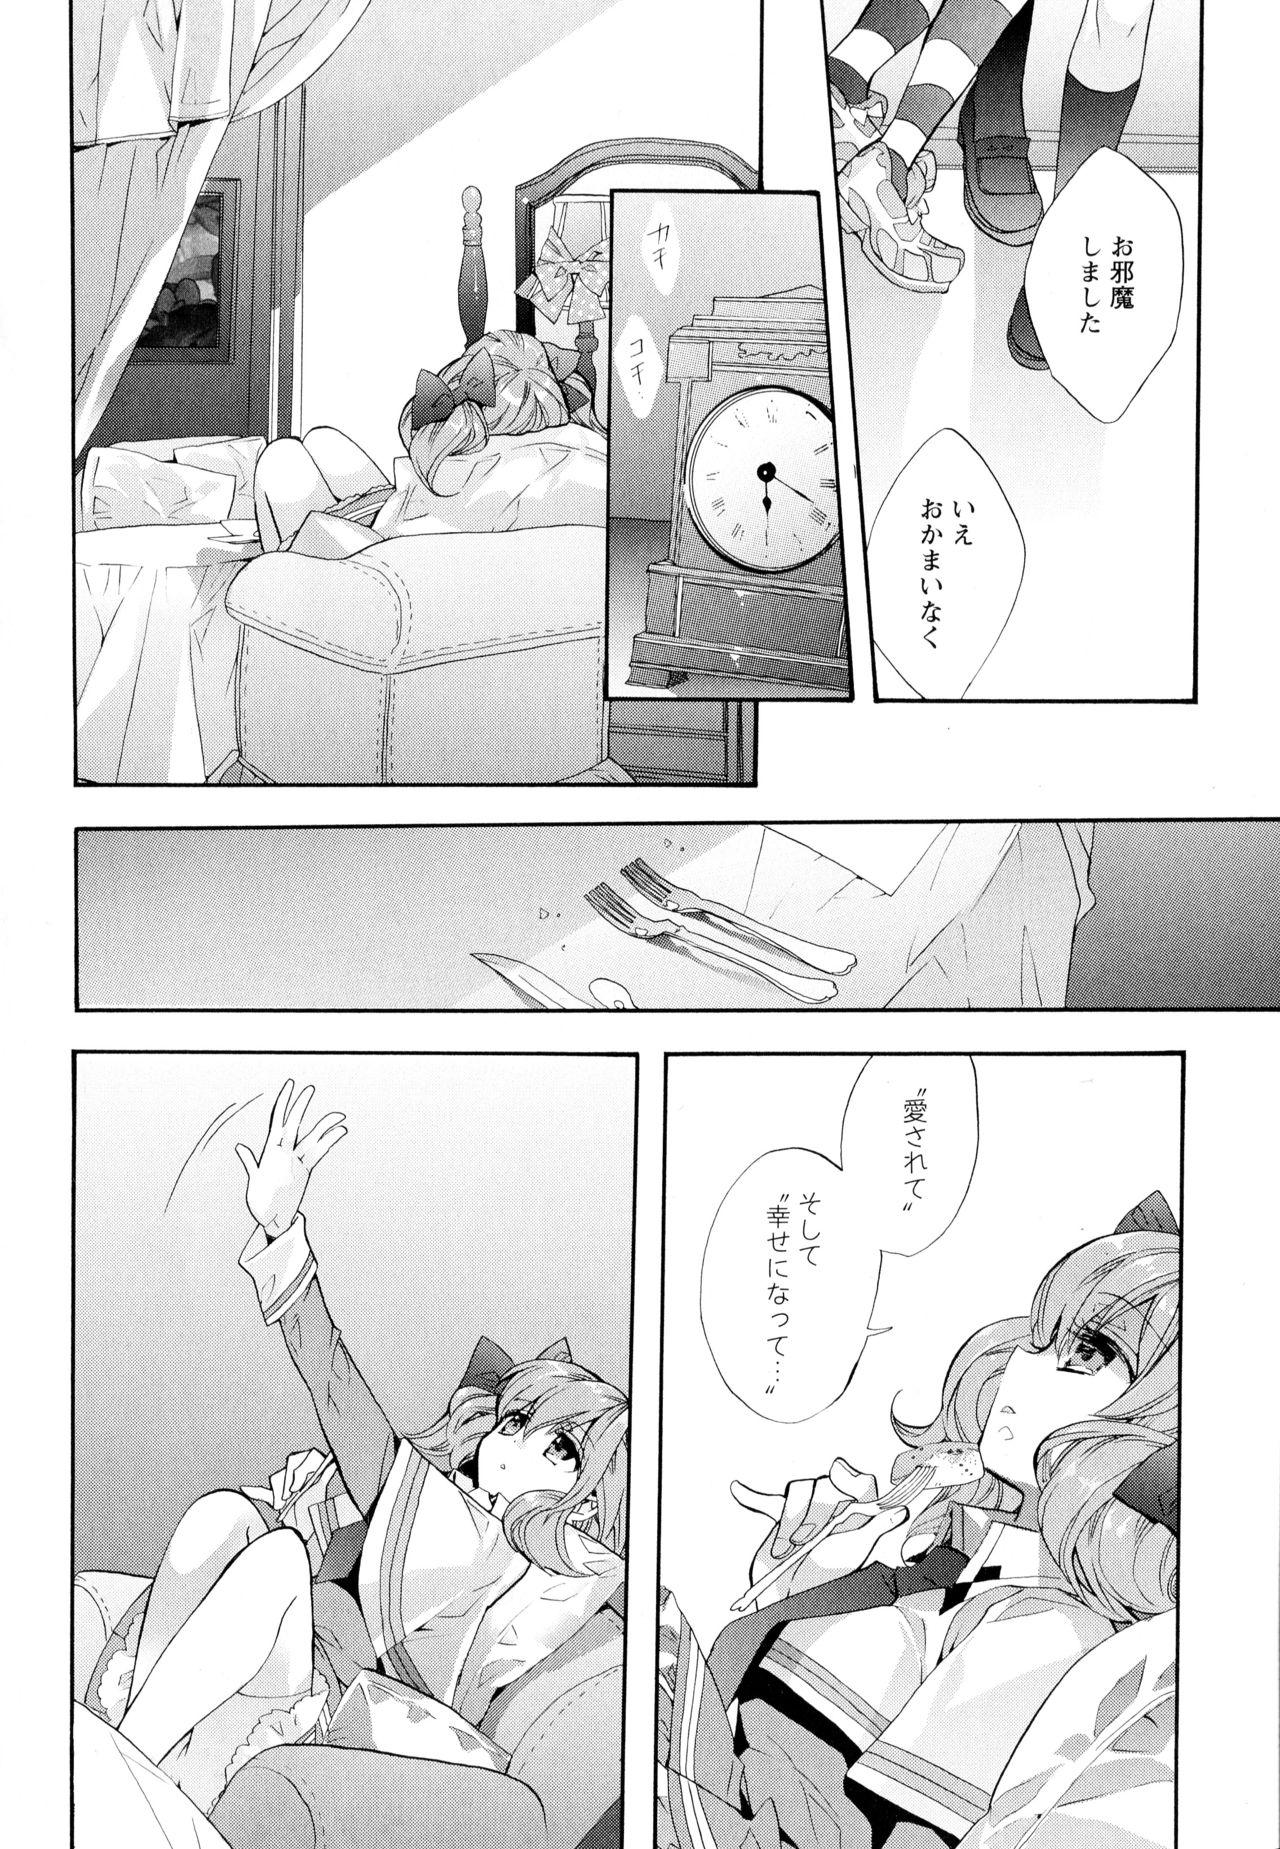 Aya Yuri Vol. 5 43